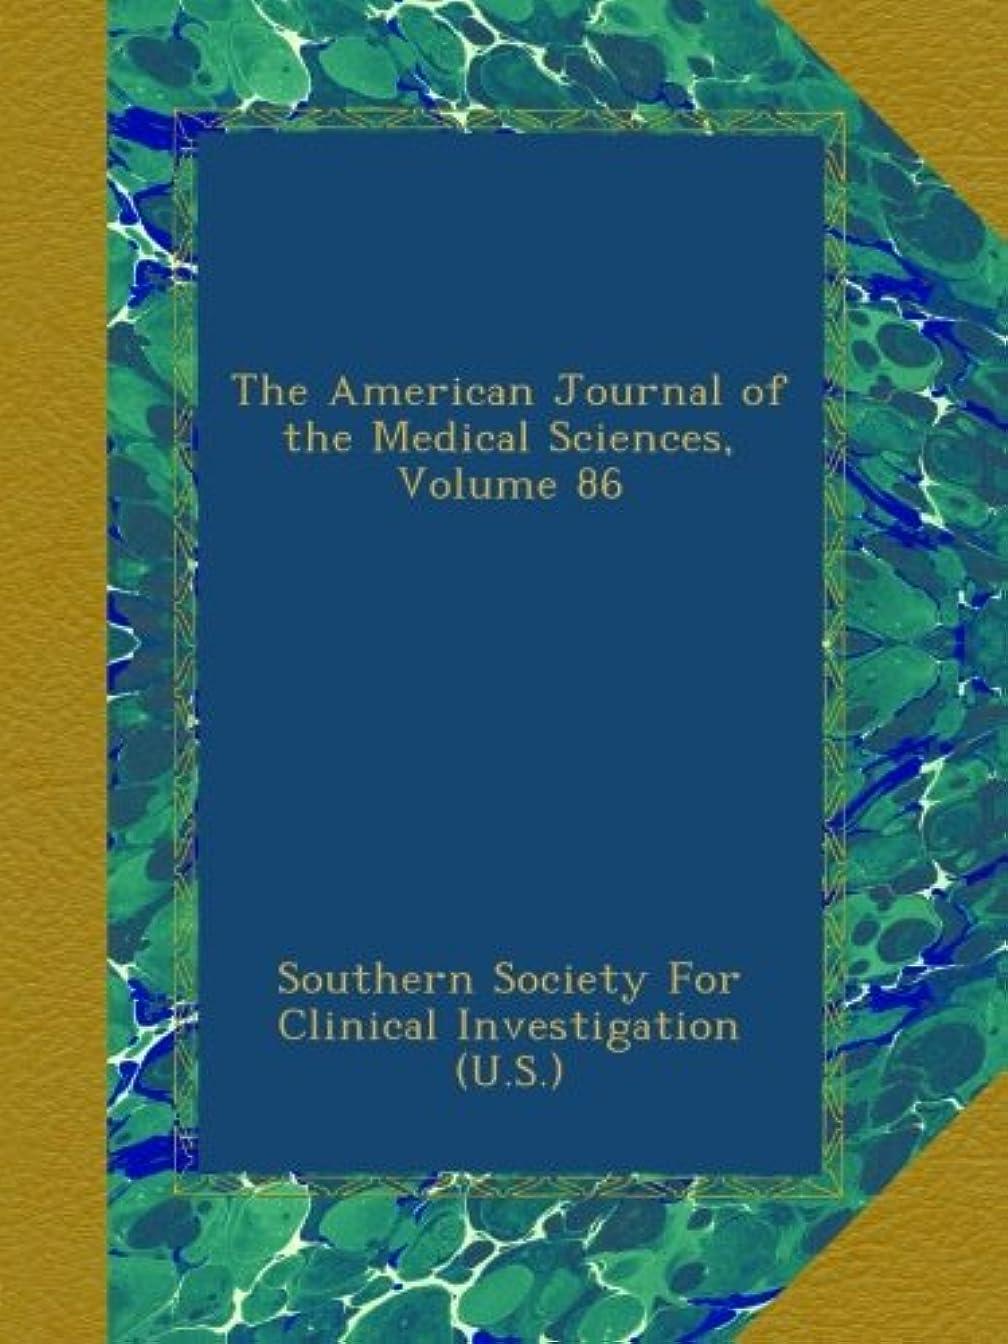 不和準拠あいまいThe American Journal of the Medical Sciences, Volume 86